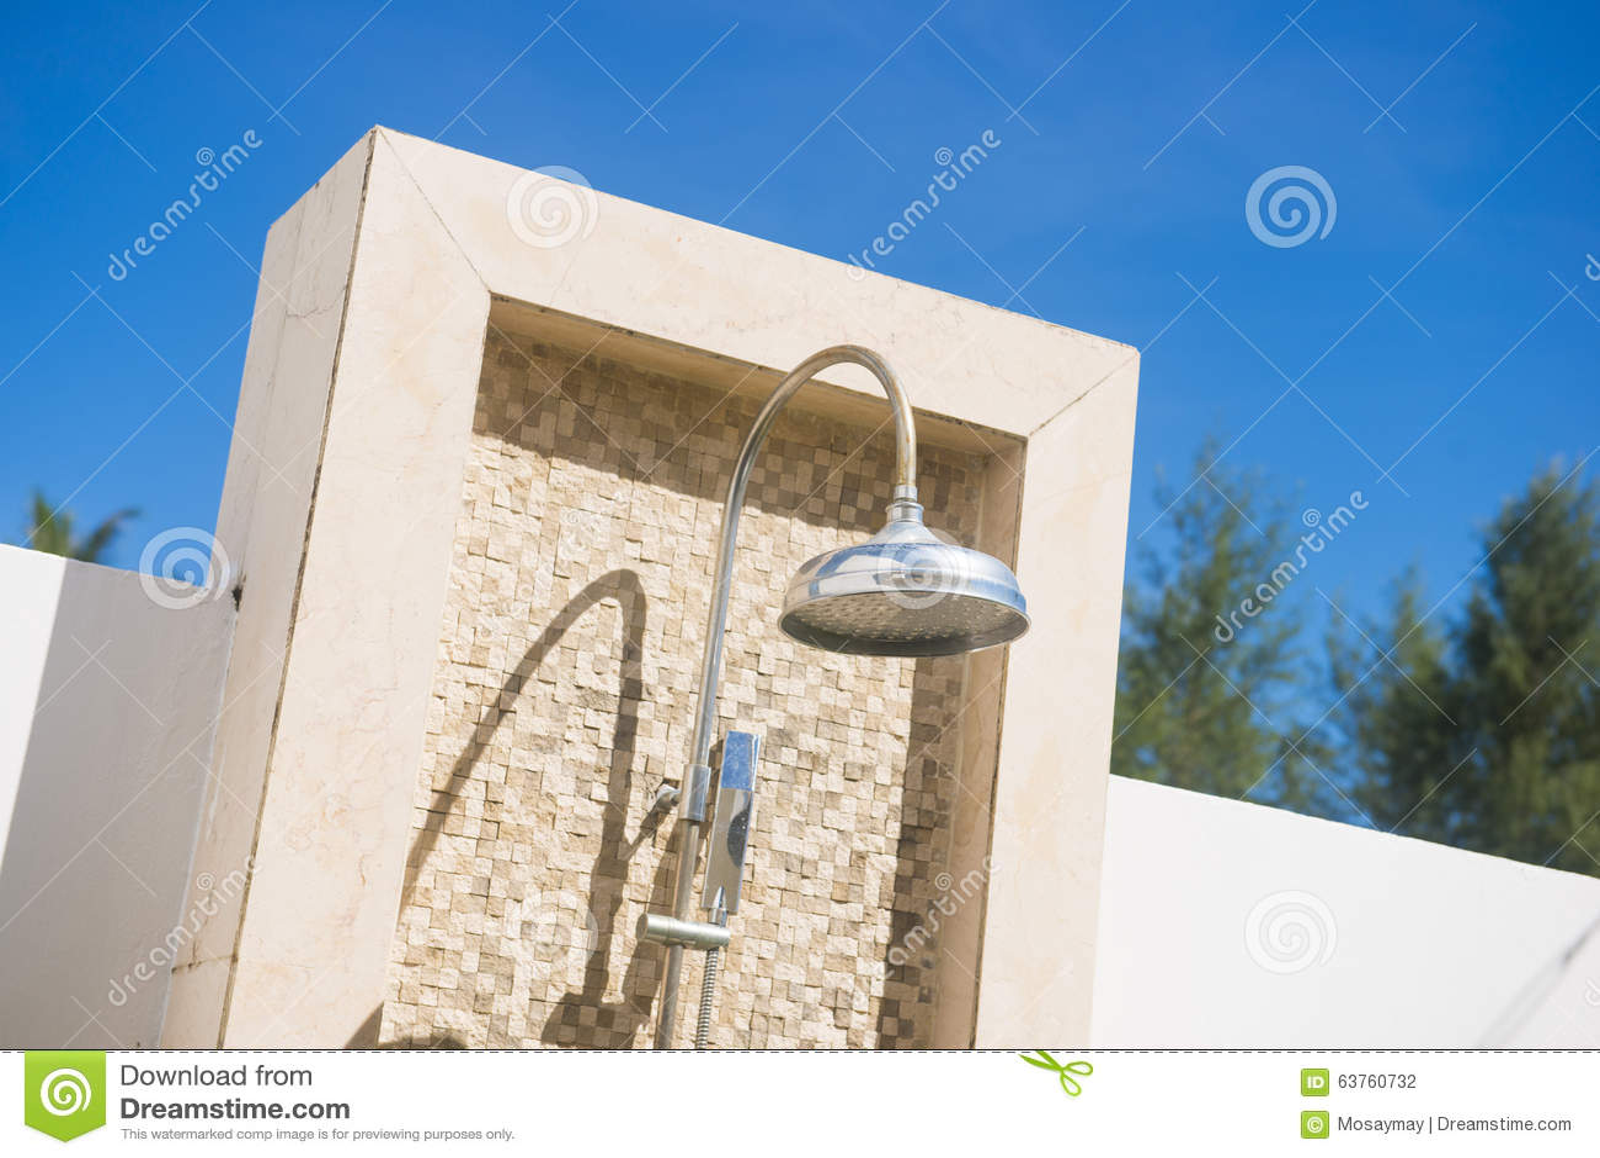 Pommeau de douche ext rieur avec le mur de briques photo stock image 63760732 - Prix pommeau de douche ...